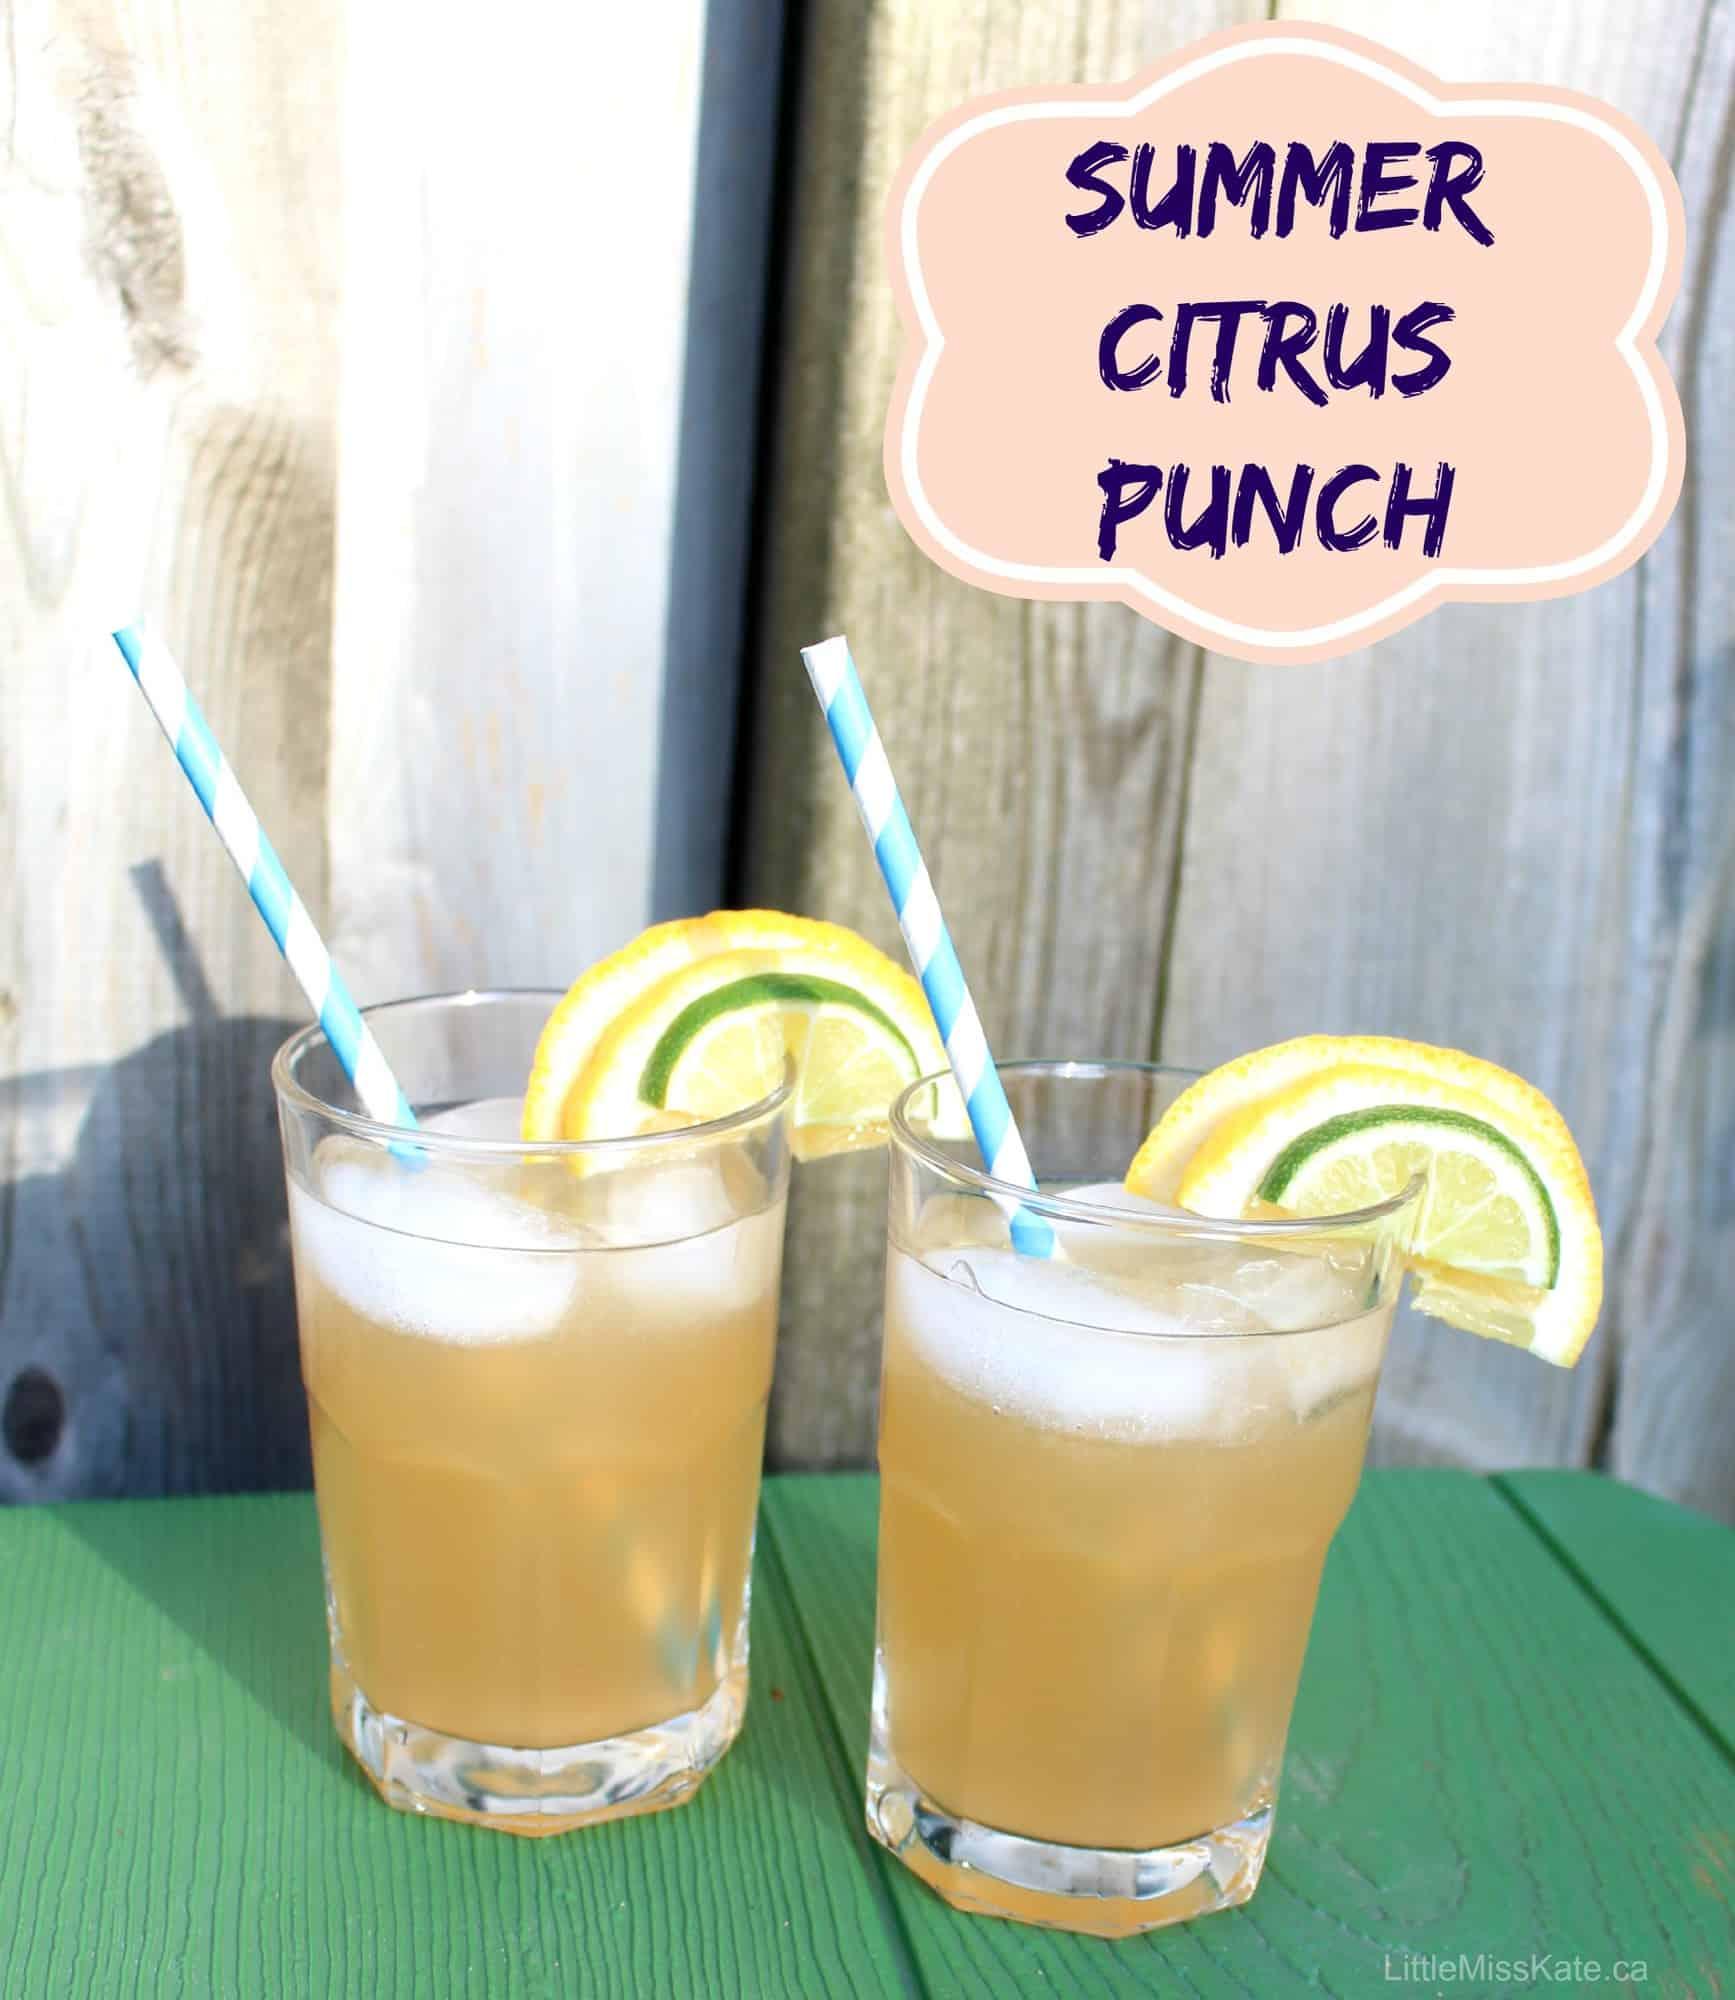 Homemade Summer Citrus Punch Recipe #SpringforCitrus